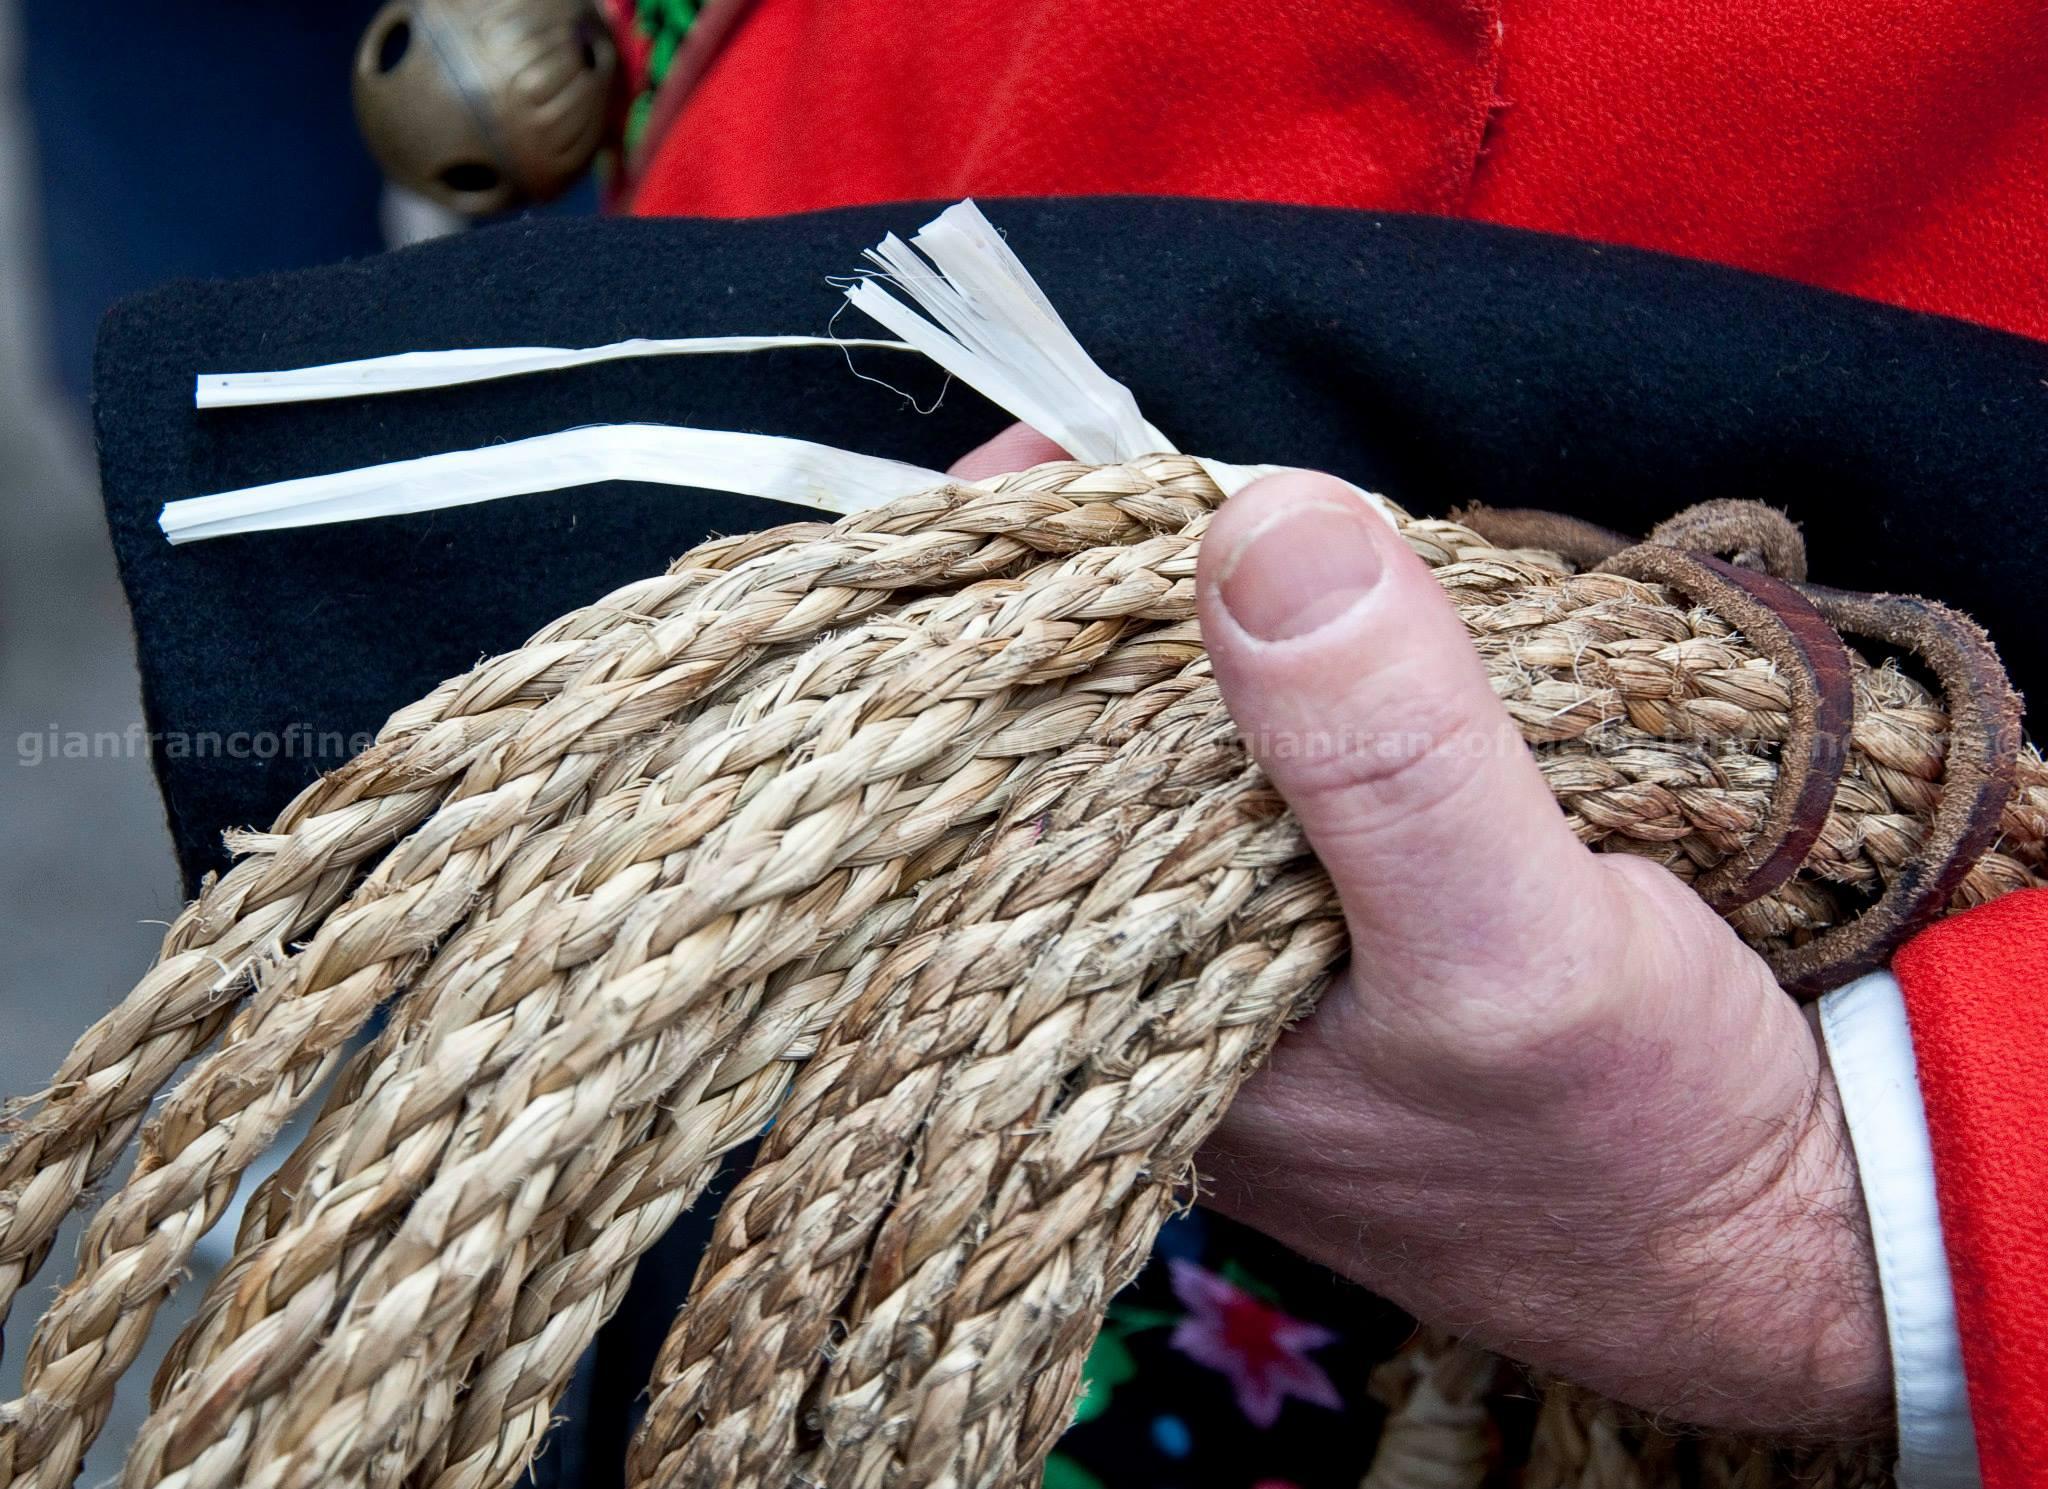 …Il significato della parola sarda Carrasecare – Carnevale in sardo